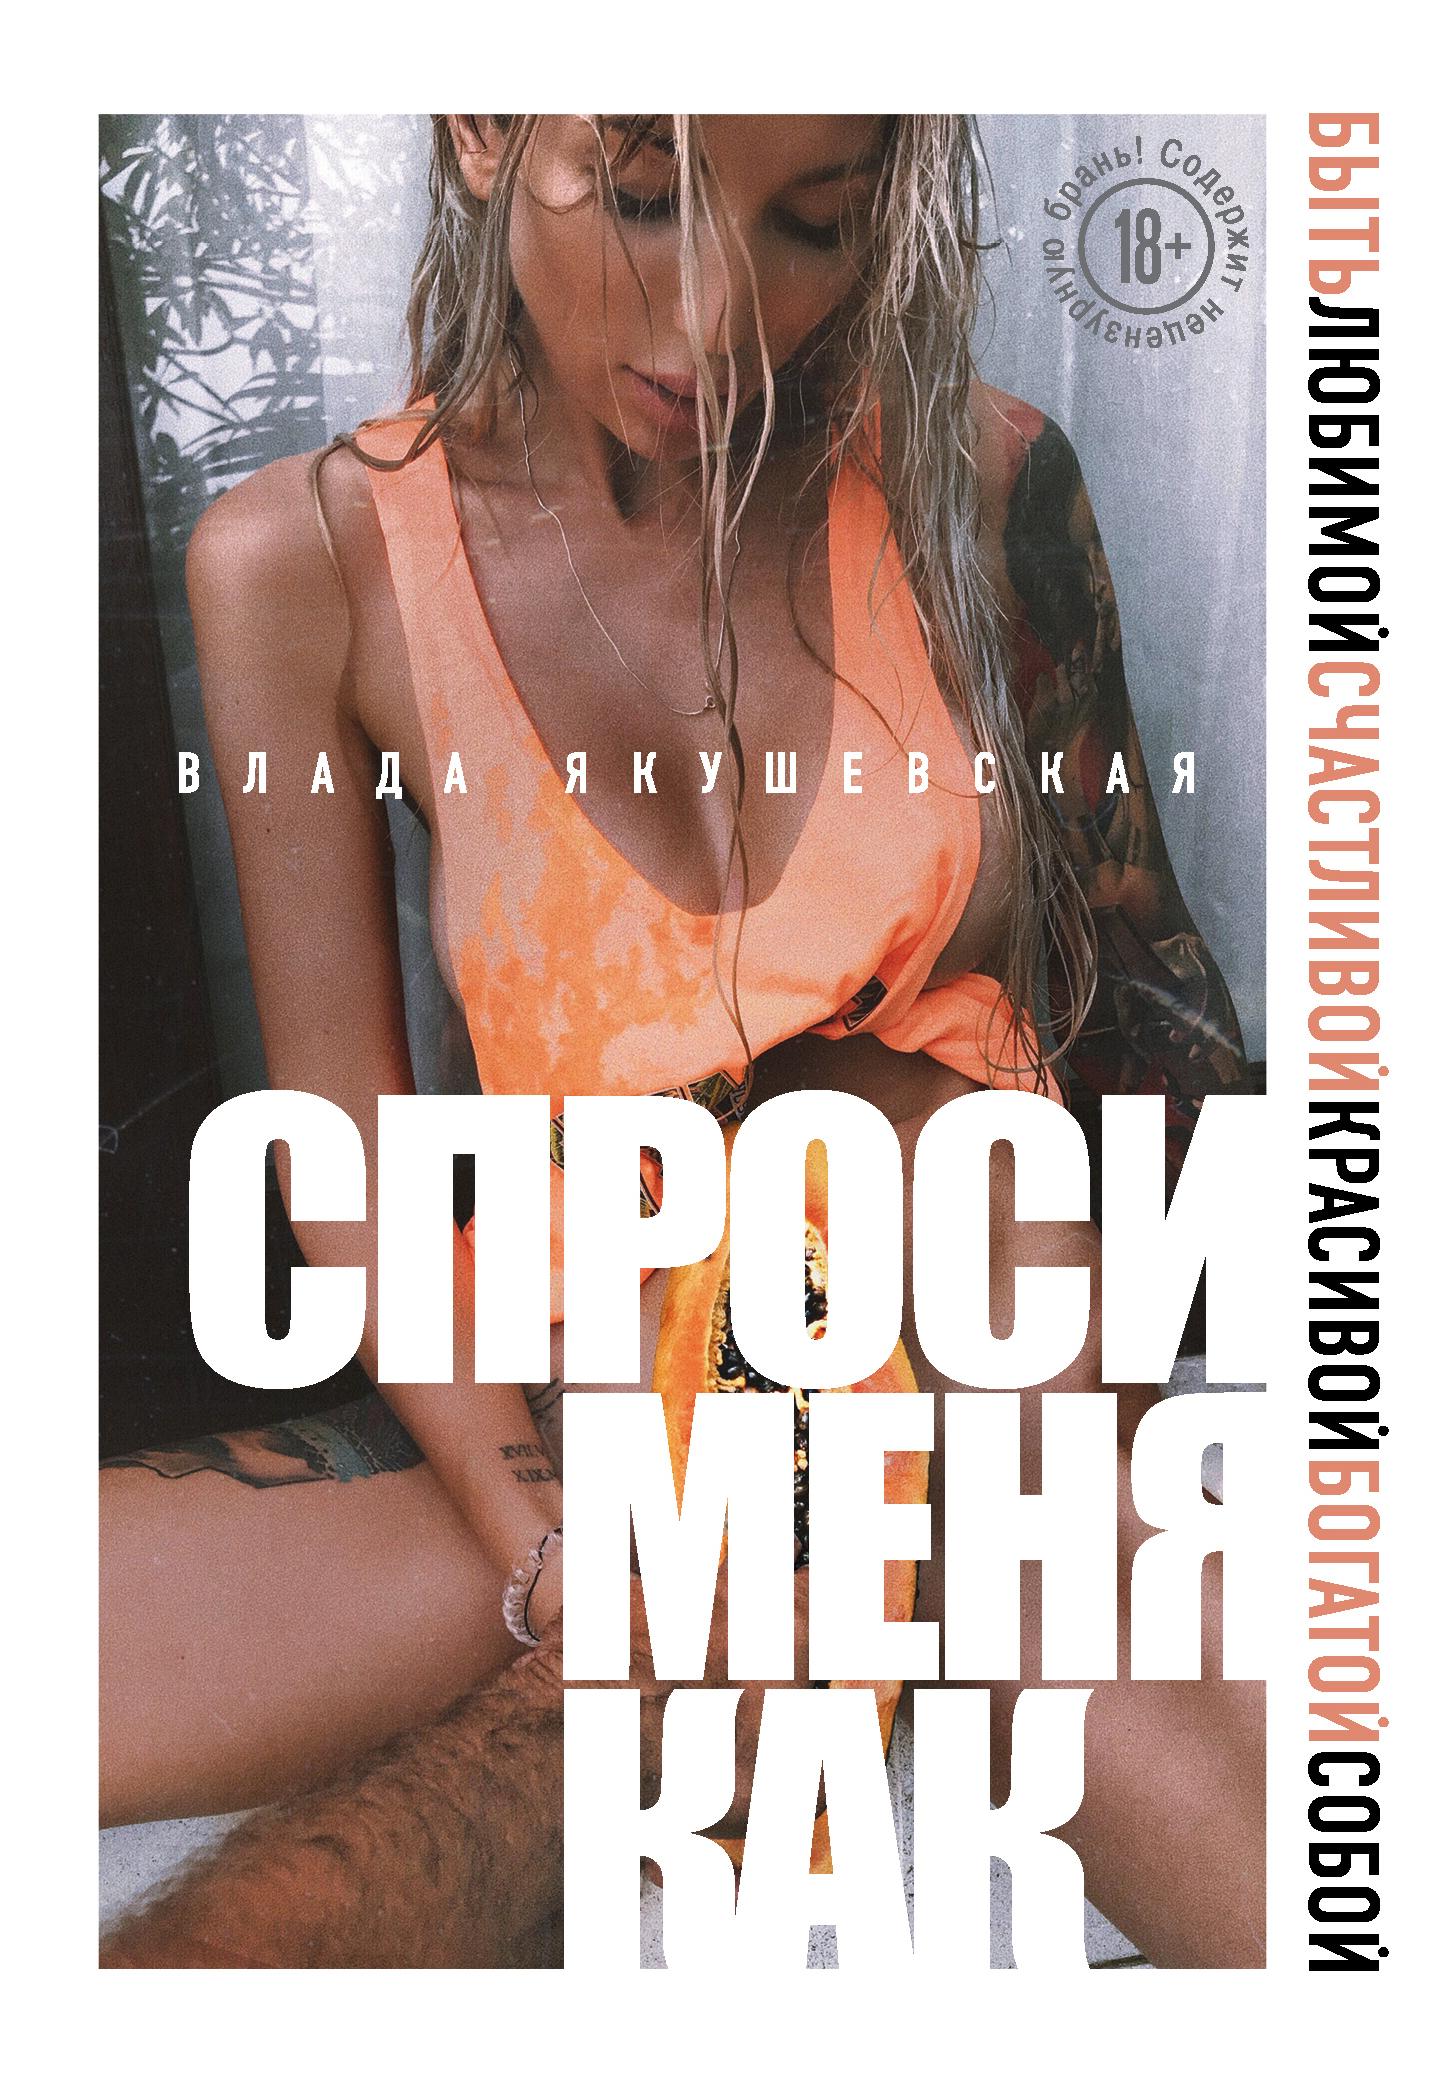 Влада Якушевская Спроси меня как. Быть любимой, счастливой, красивой, богатой собой kleo ru стань желанной как удержать мужчину в постели